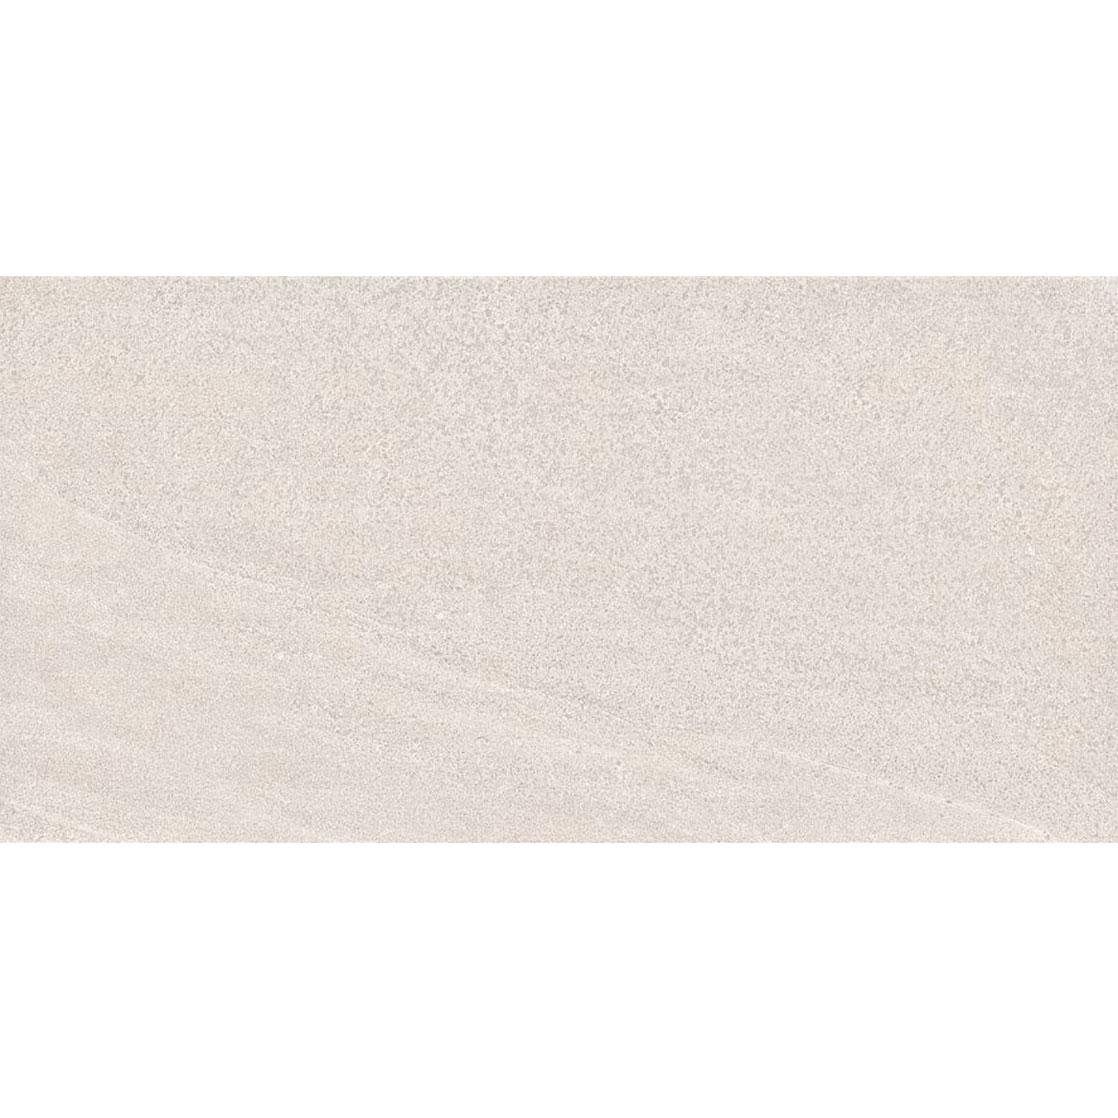 Gạch ốp tường 300x600 Viglacera KHP36901 giá rẻ